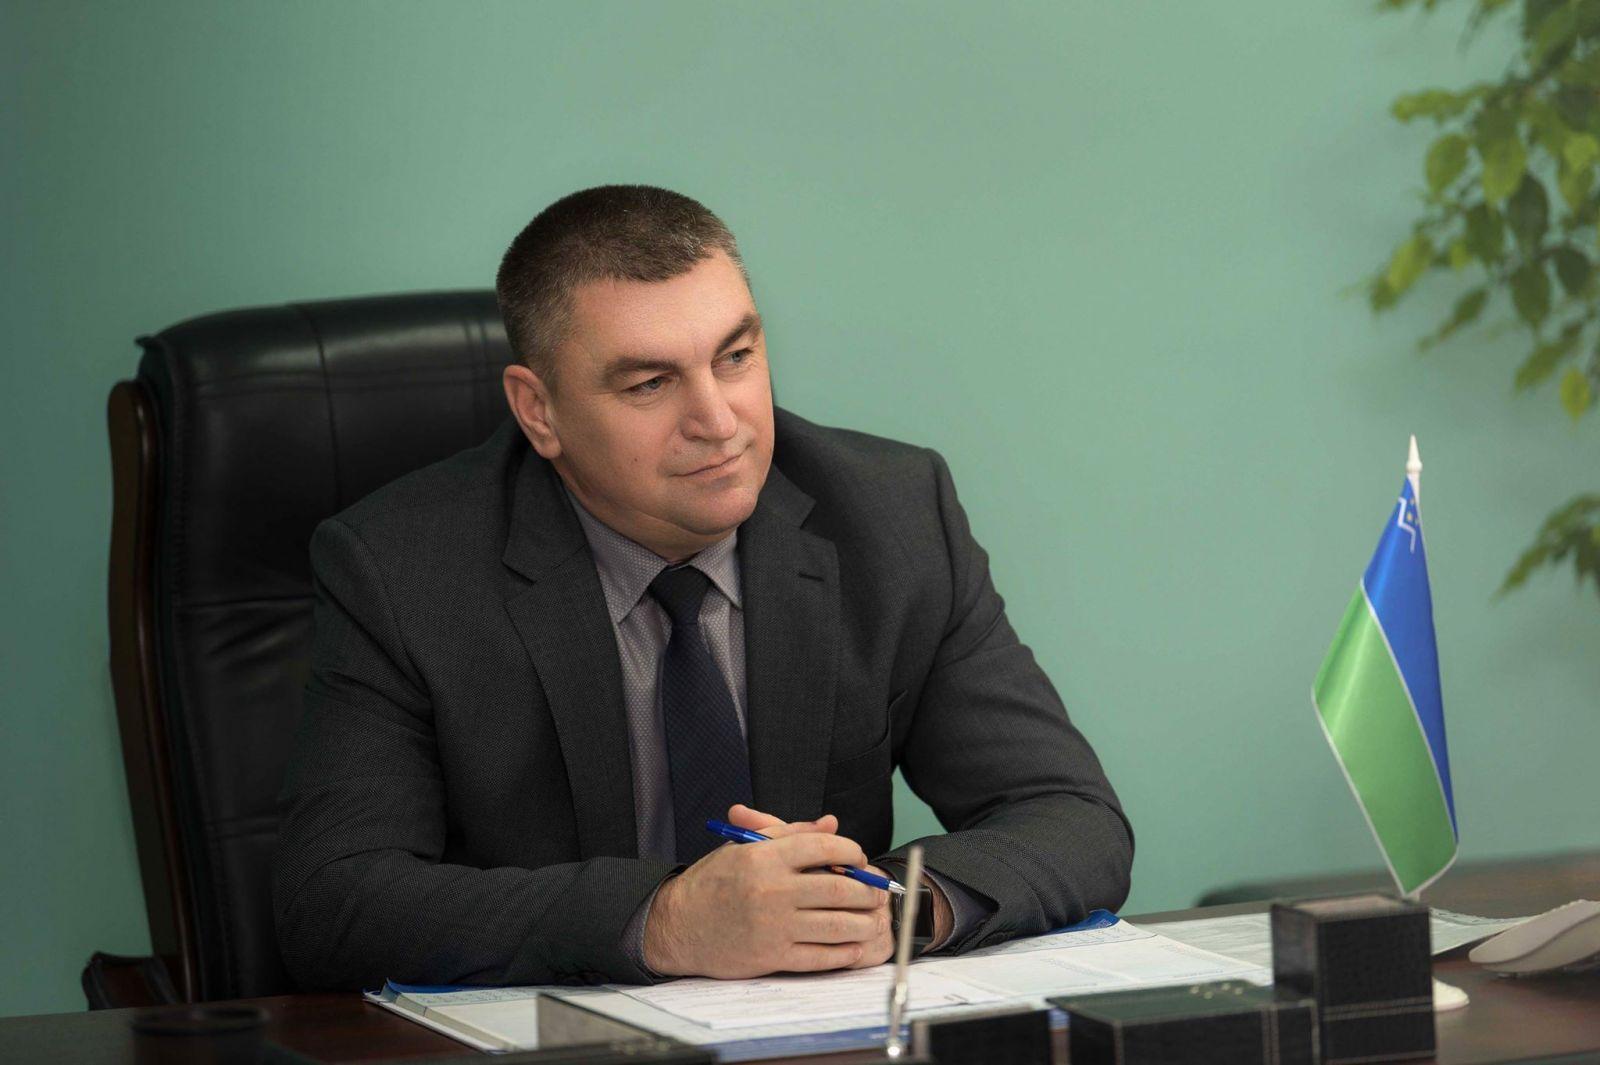 Ілля Токар: «Вірю, що Мукачівщина стане оновленою та сучасною»